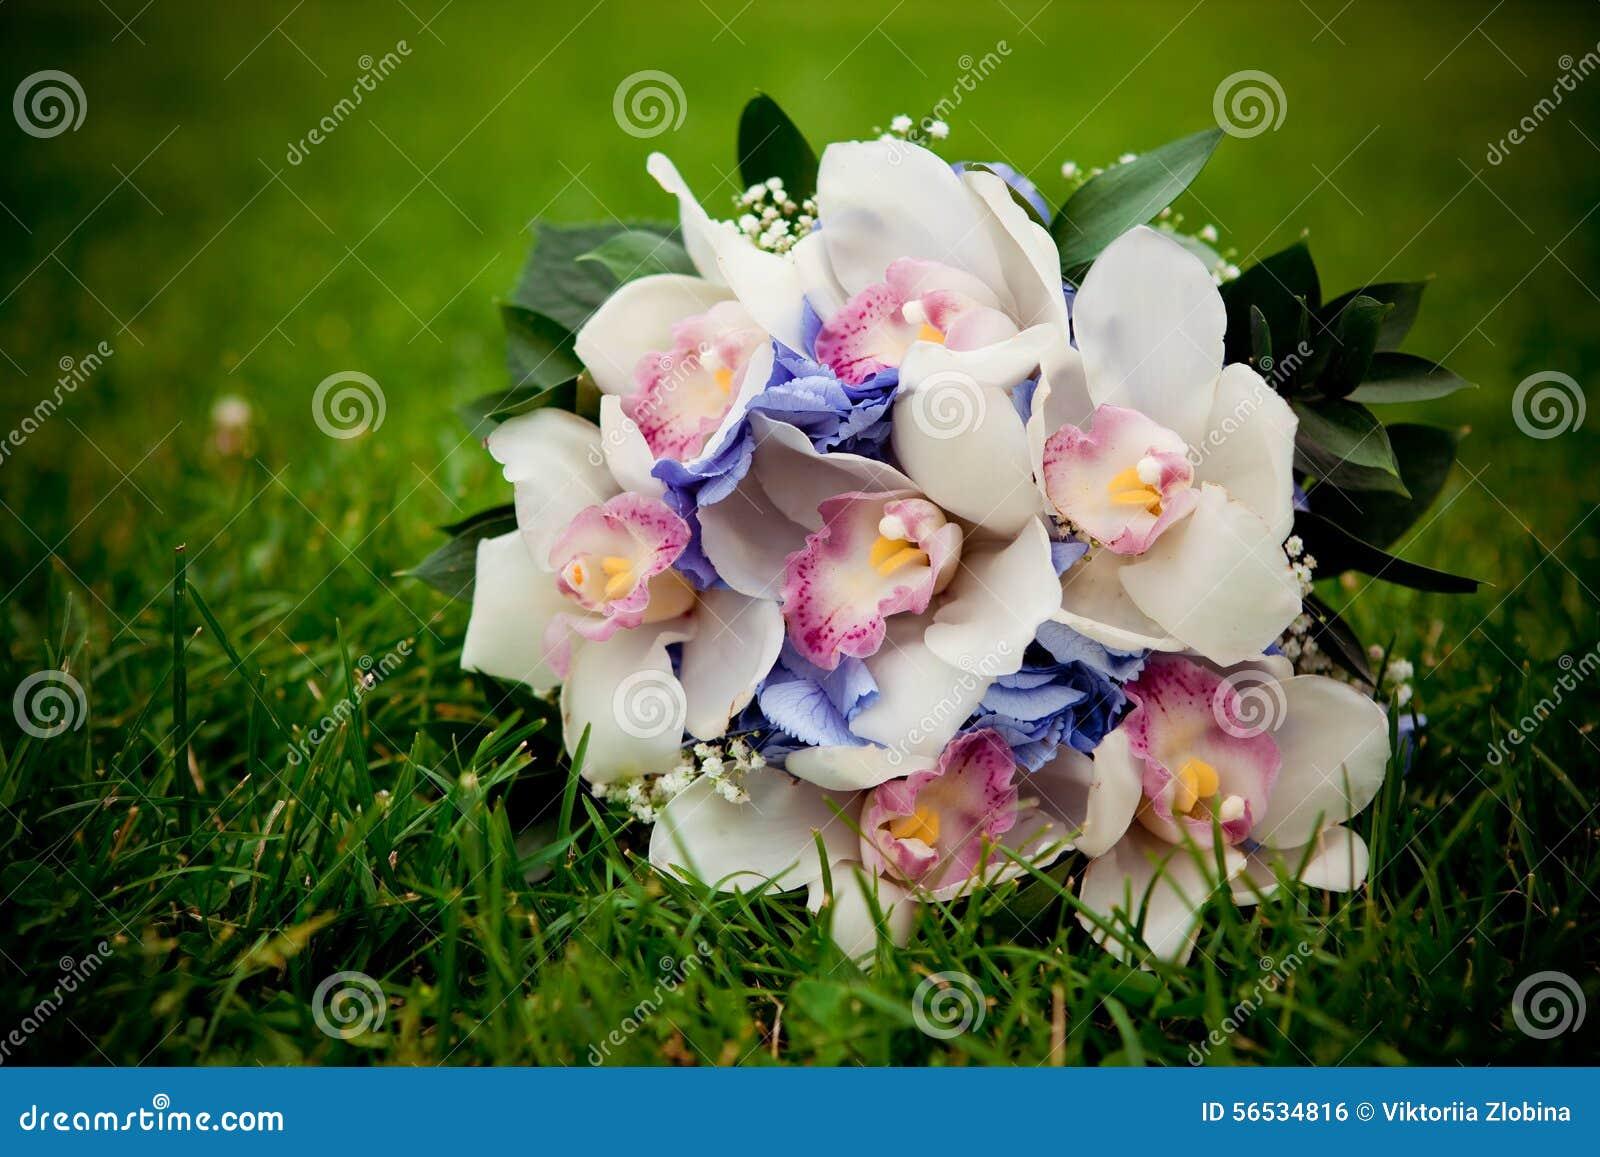 BRIDAL BOUQUET TRADITION - bridal bouquets